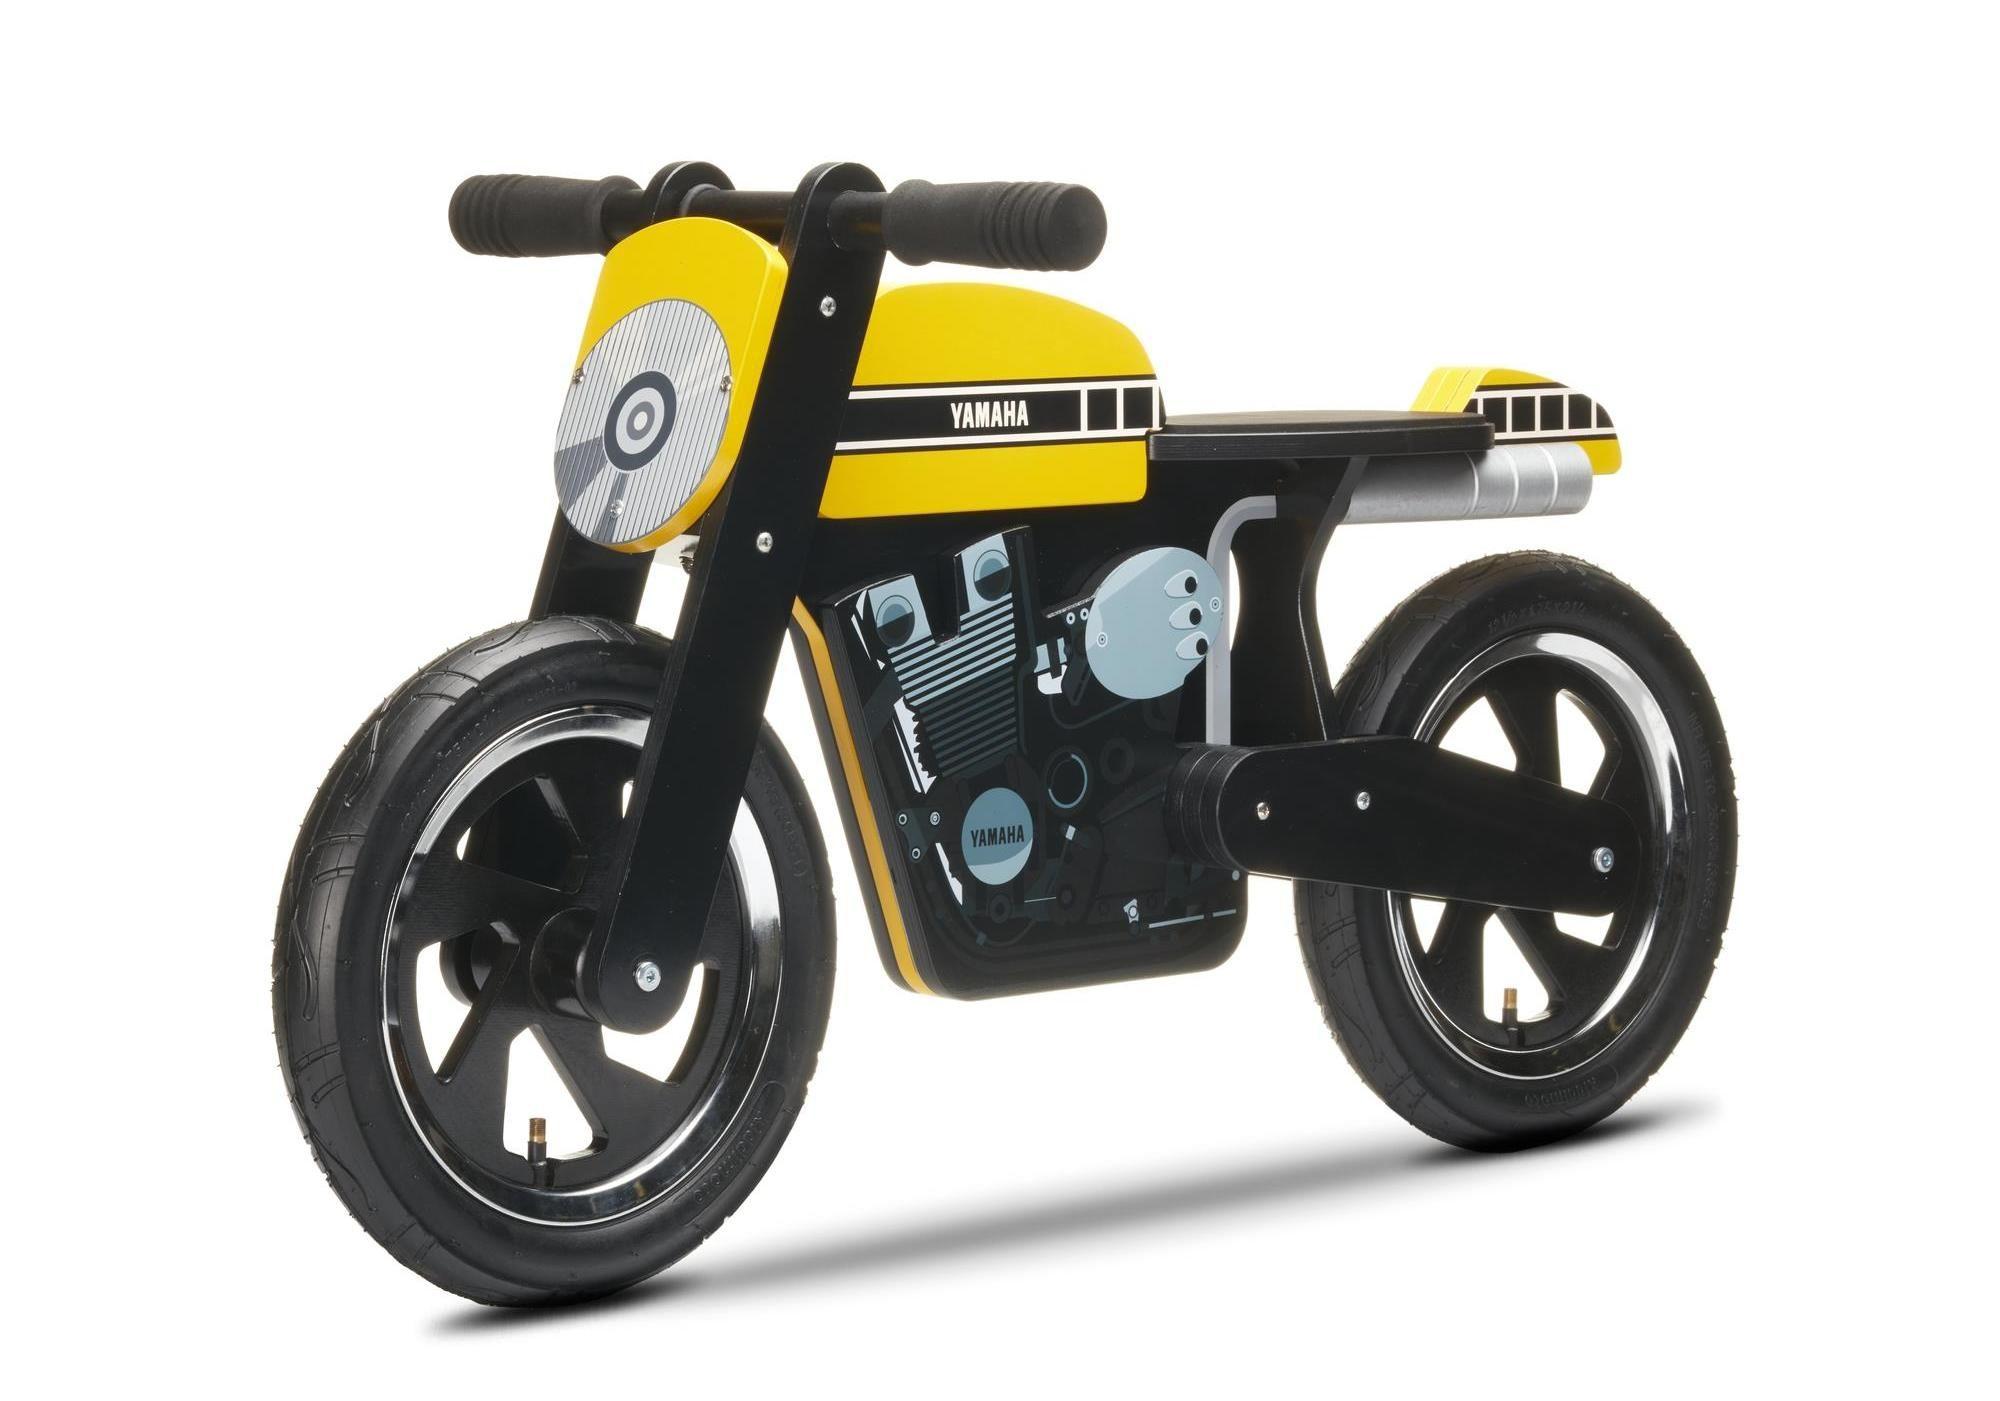 Yamaha Kids Cafe Racer Balance Bike Images Pedalnyj Avtomobil